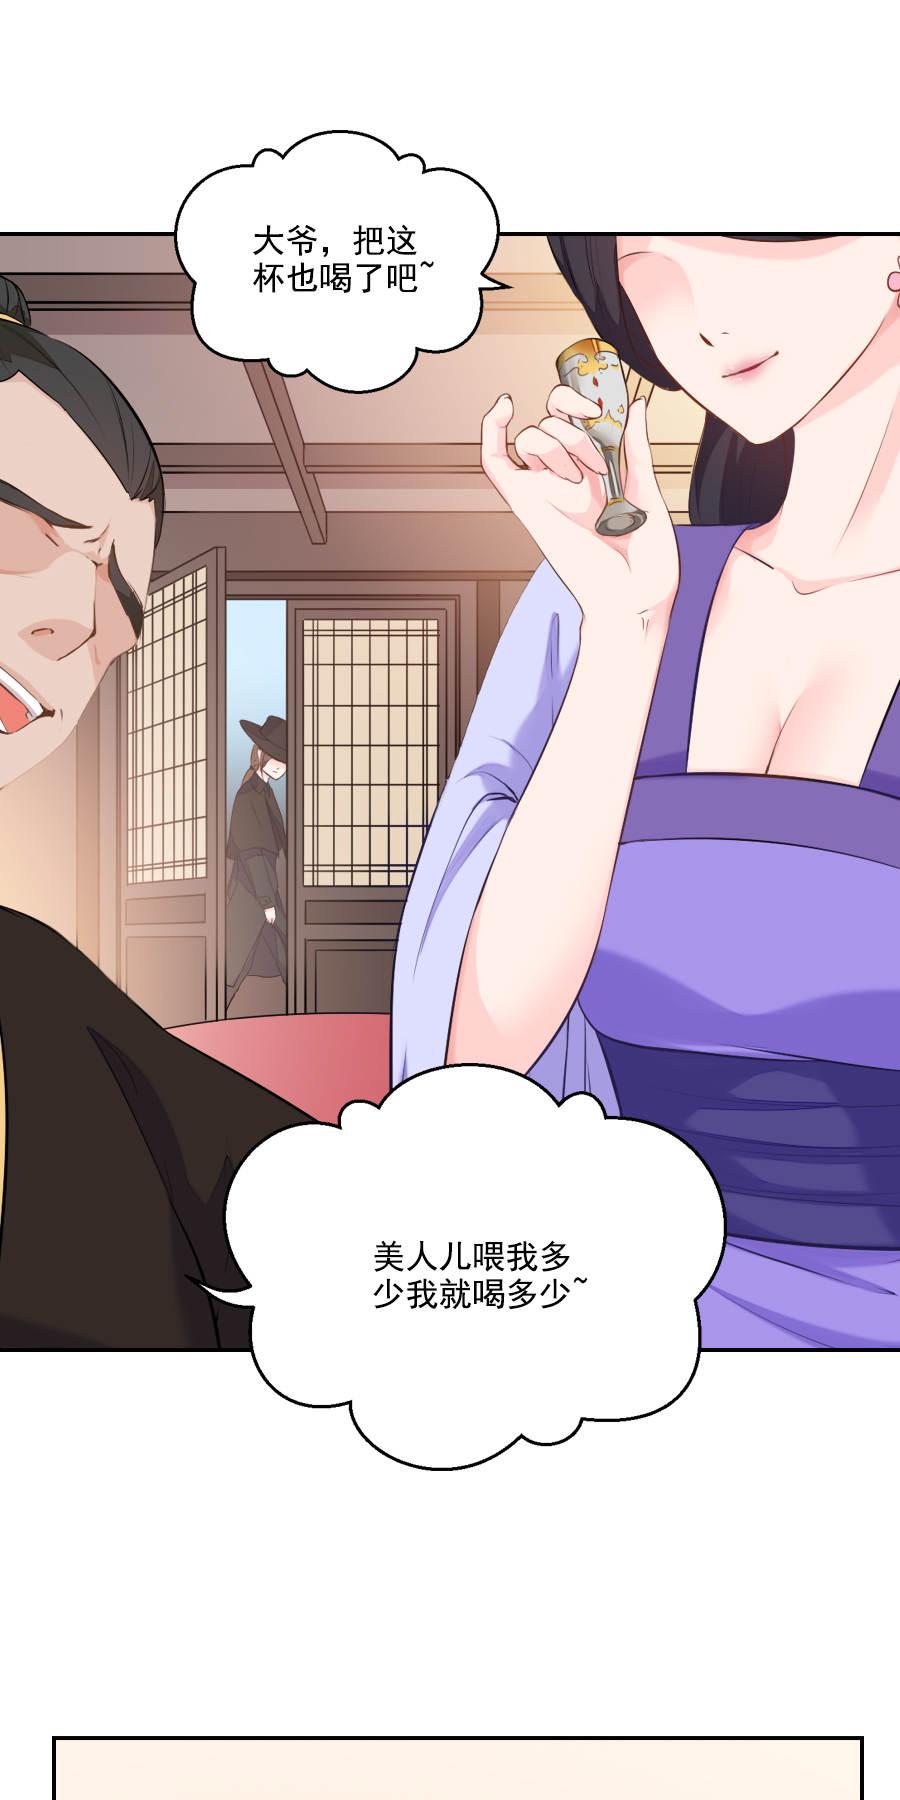 盛世帝王妃第30话  红蝶 第 4